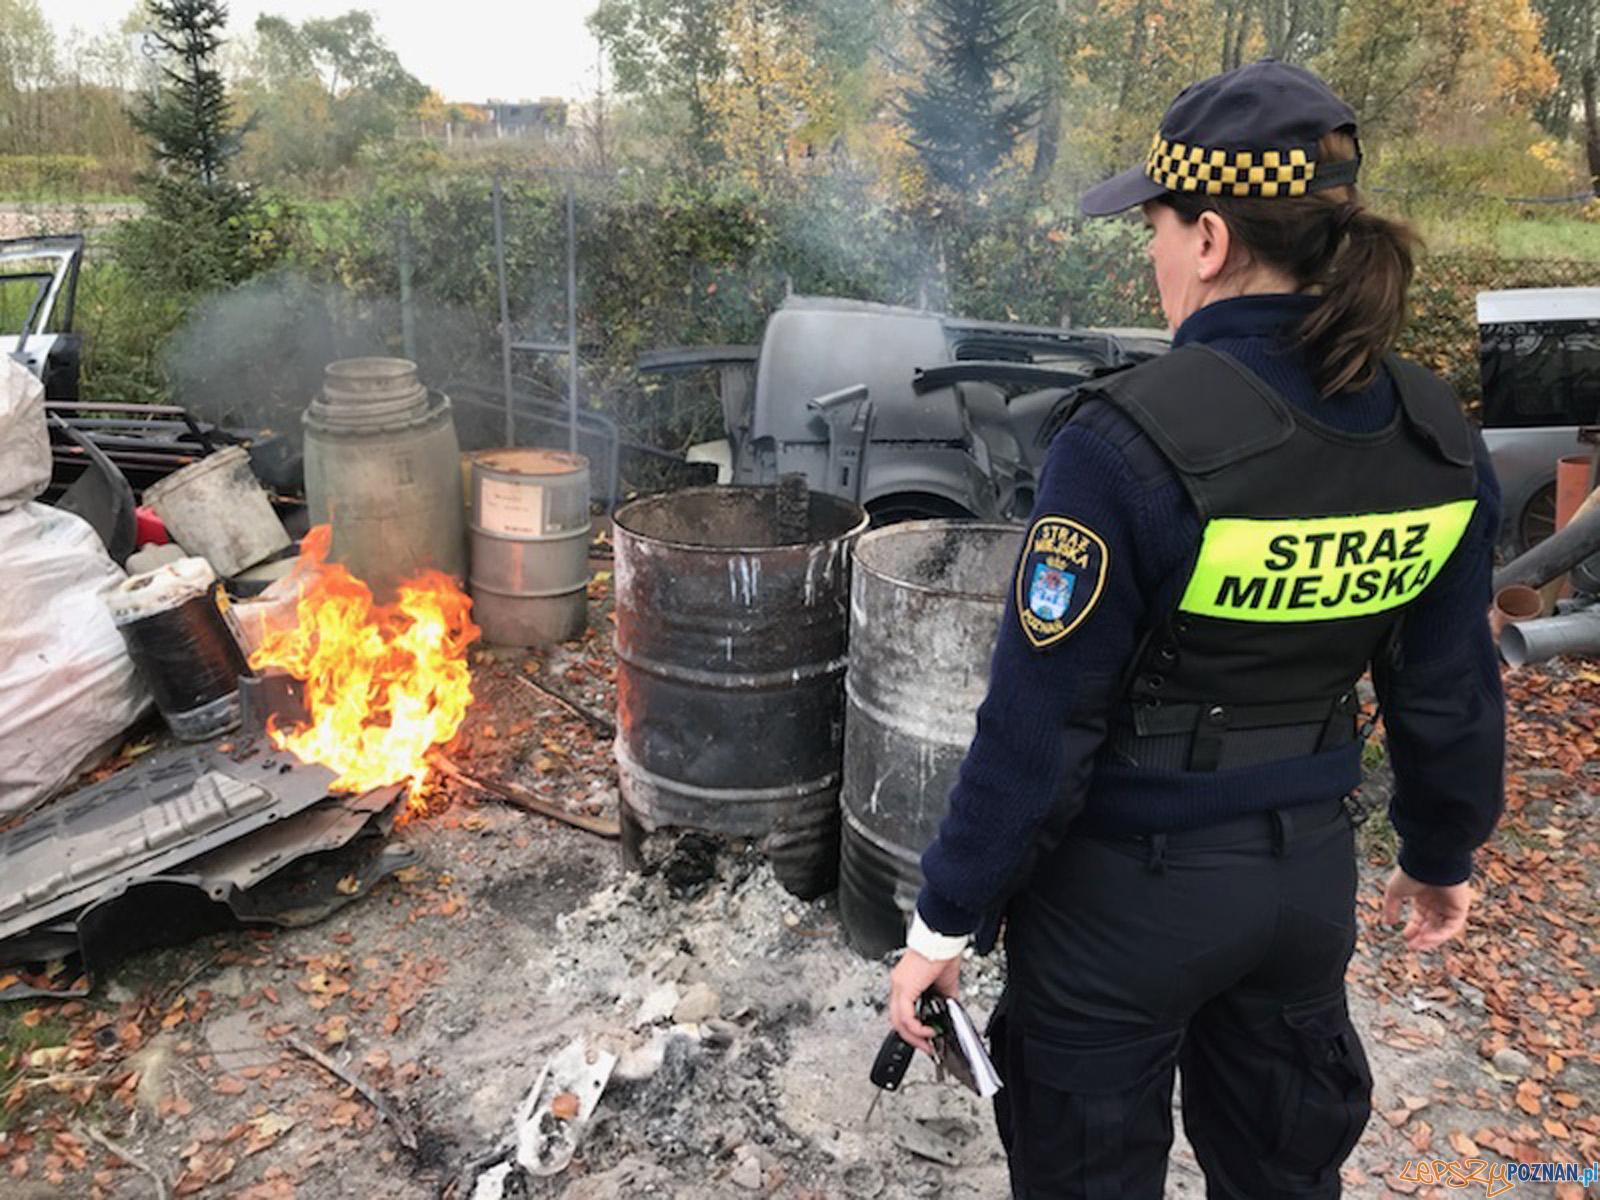 Interwencja Eko Patrolu Straży Miejskiej  Foto: SM / UMP